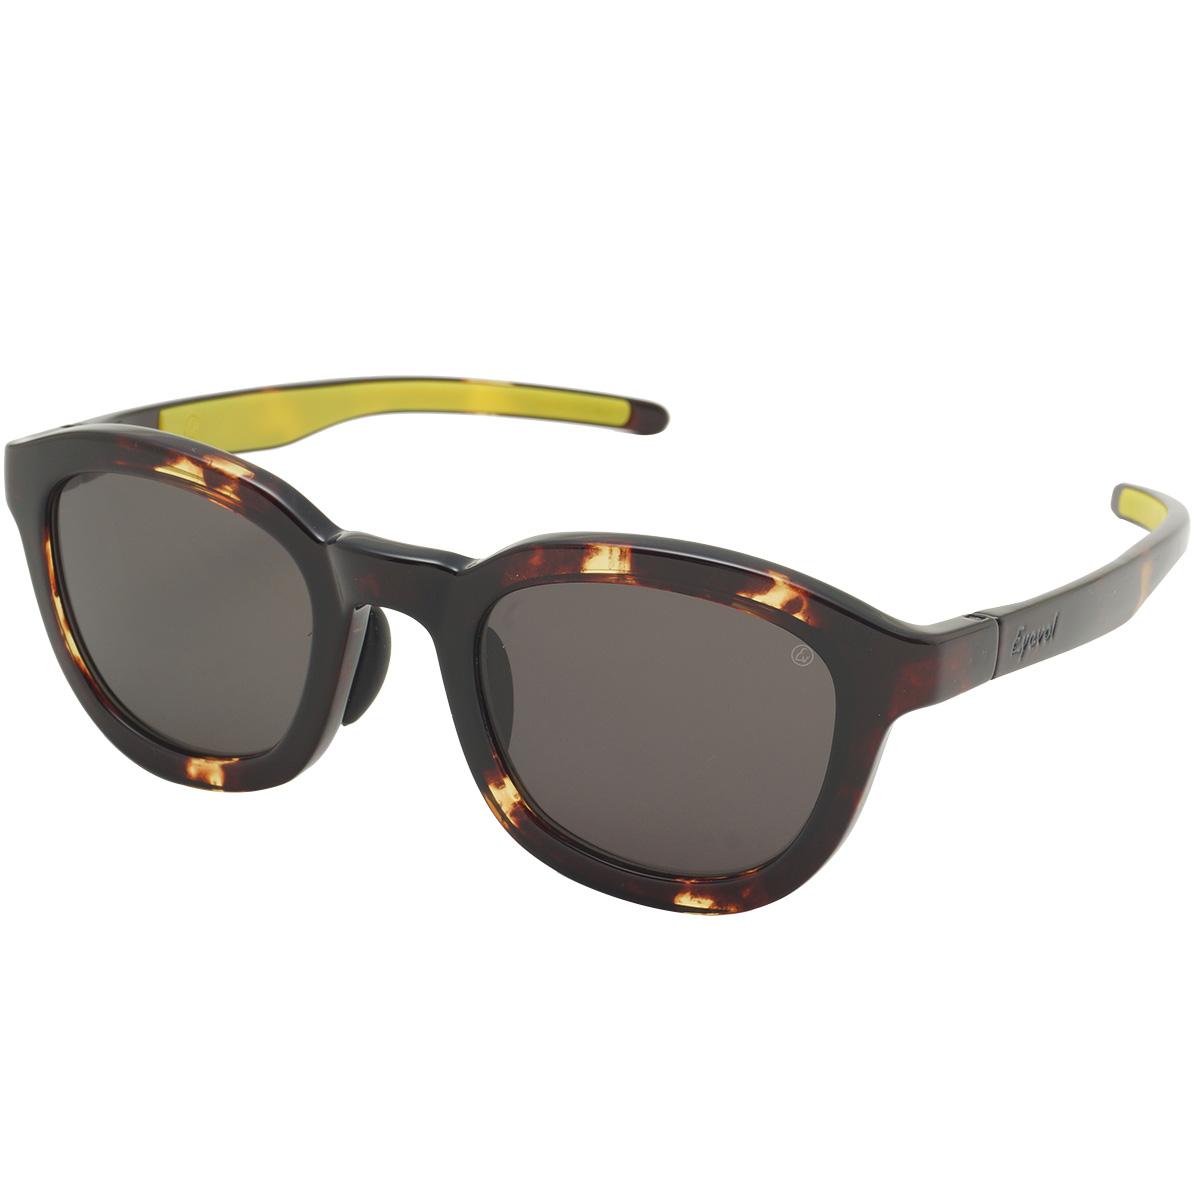 RYS 2 XL 50 偏光レンズサングラス